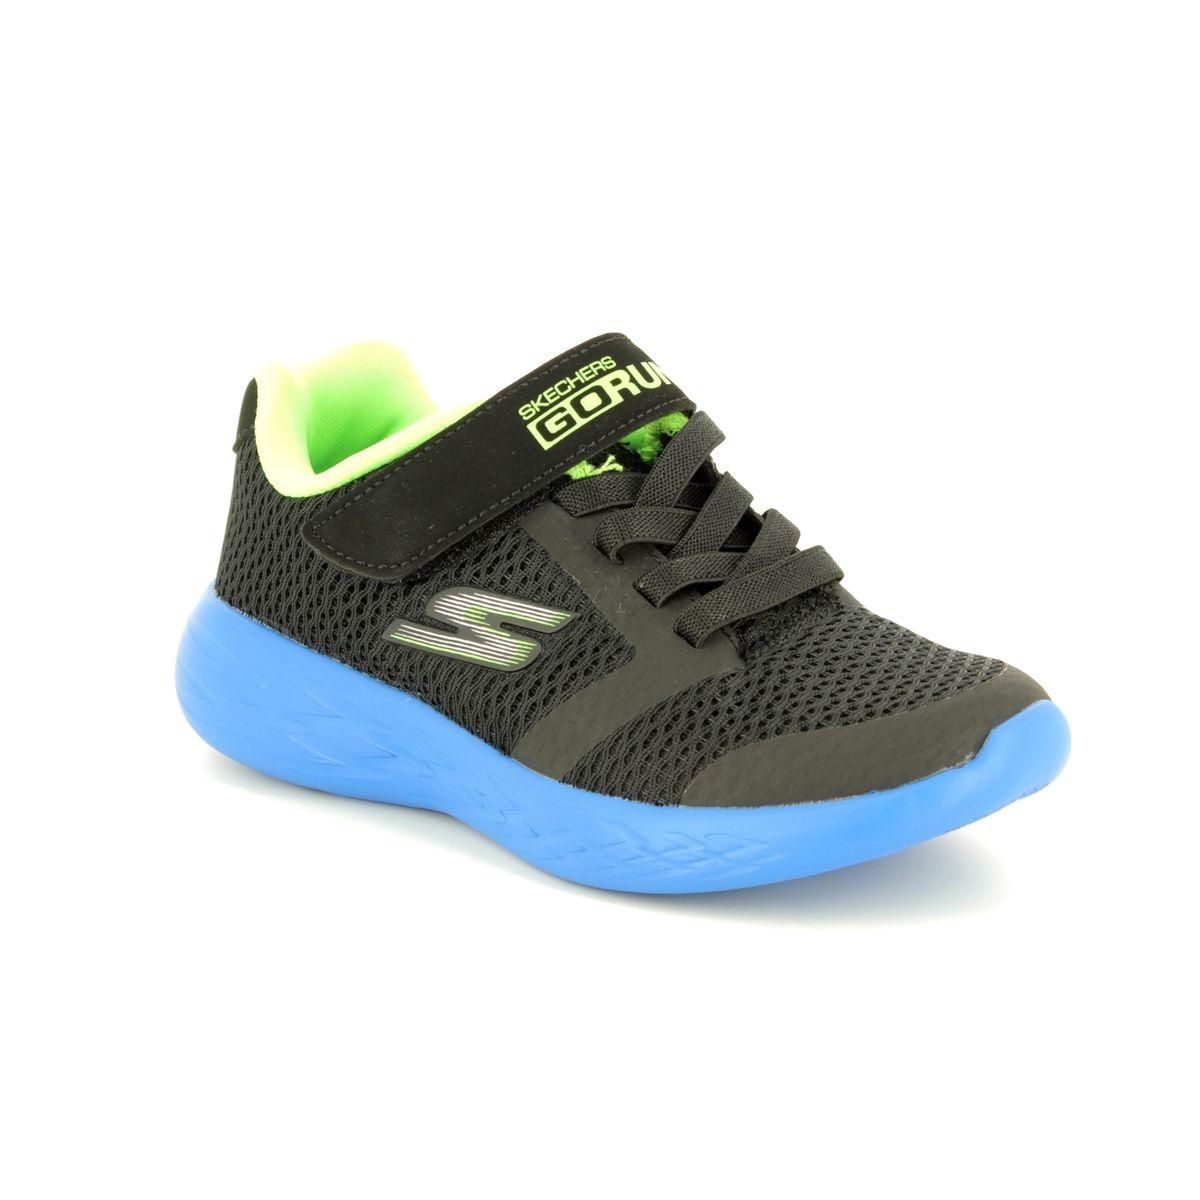 40412109e341 Skechers Go Run 600 97860 BBLM Black - blue trainers